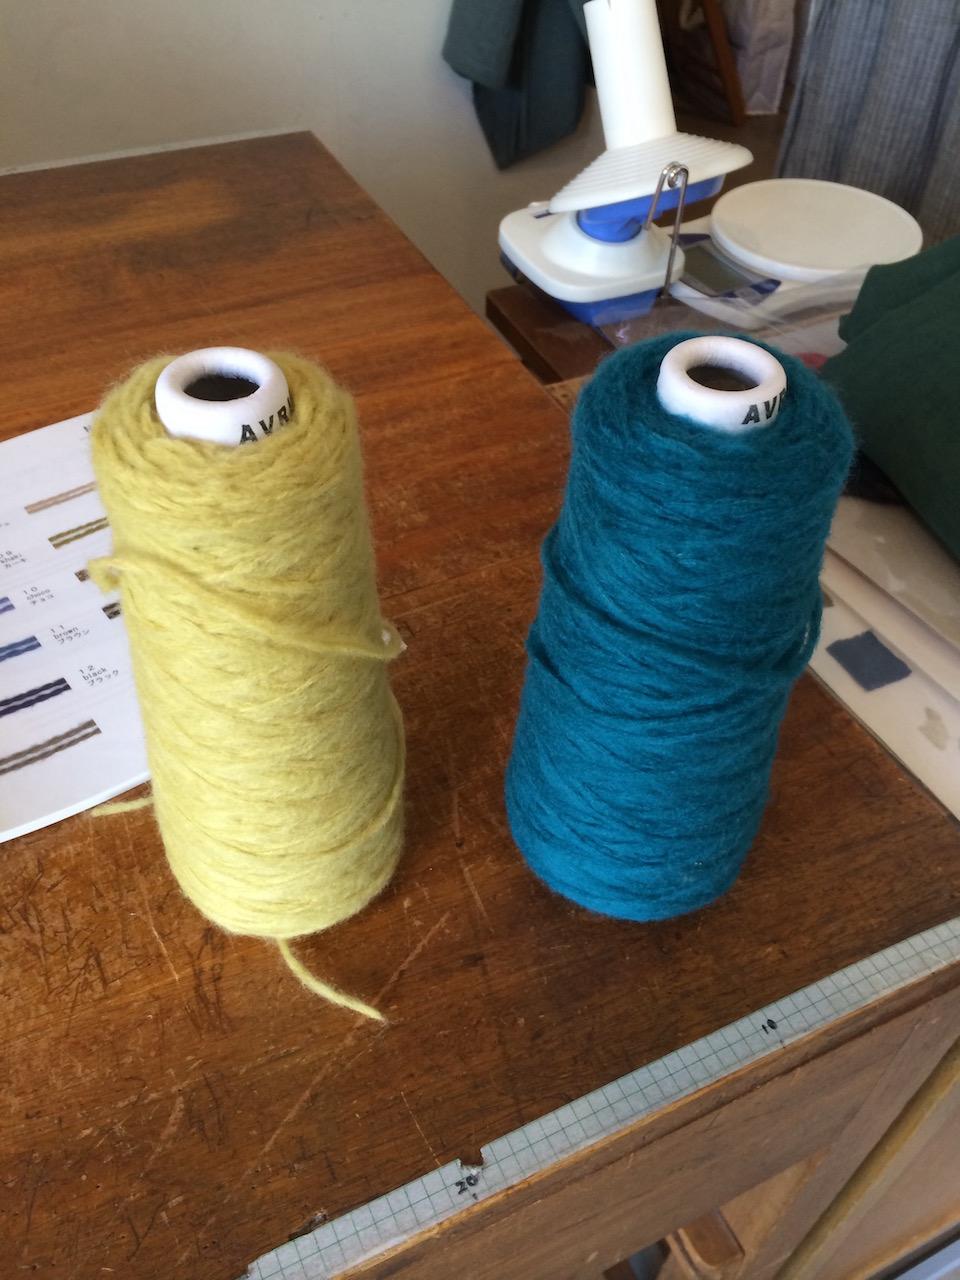 渋いイエローと深いブルー、迷った末に左を選びました。糸を見ているだけでも幸せな気分に。